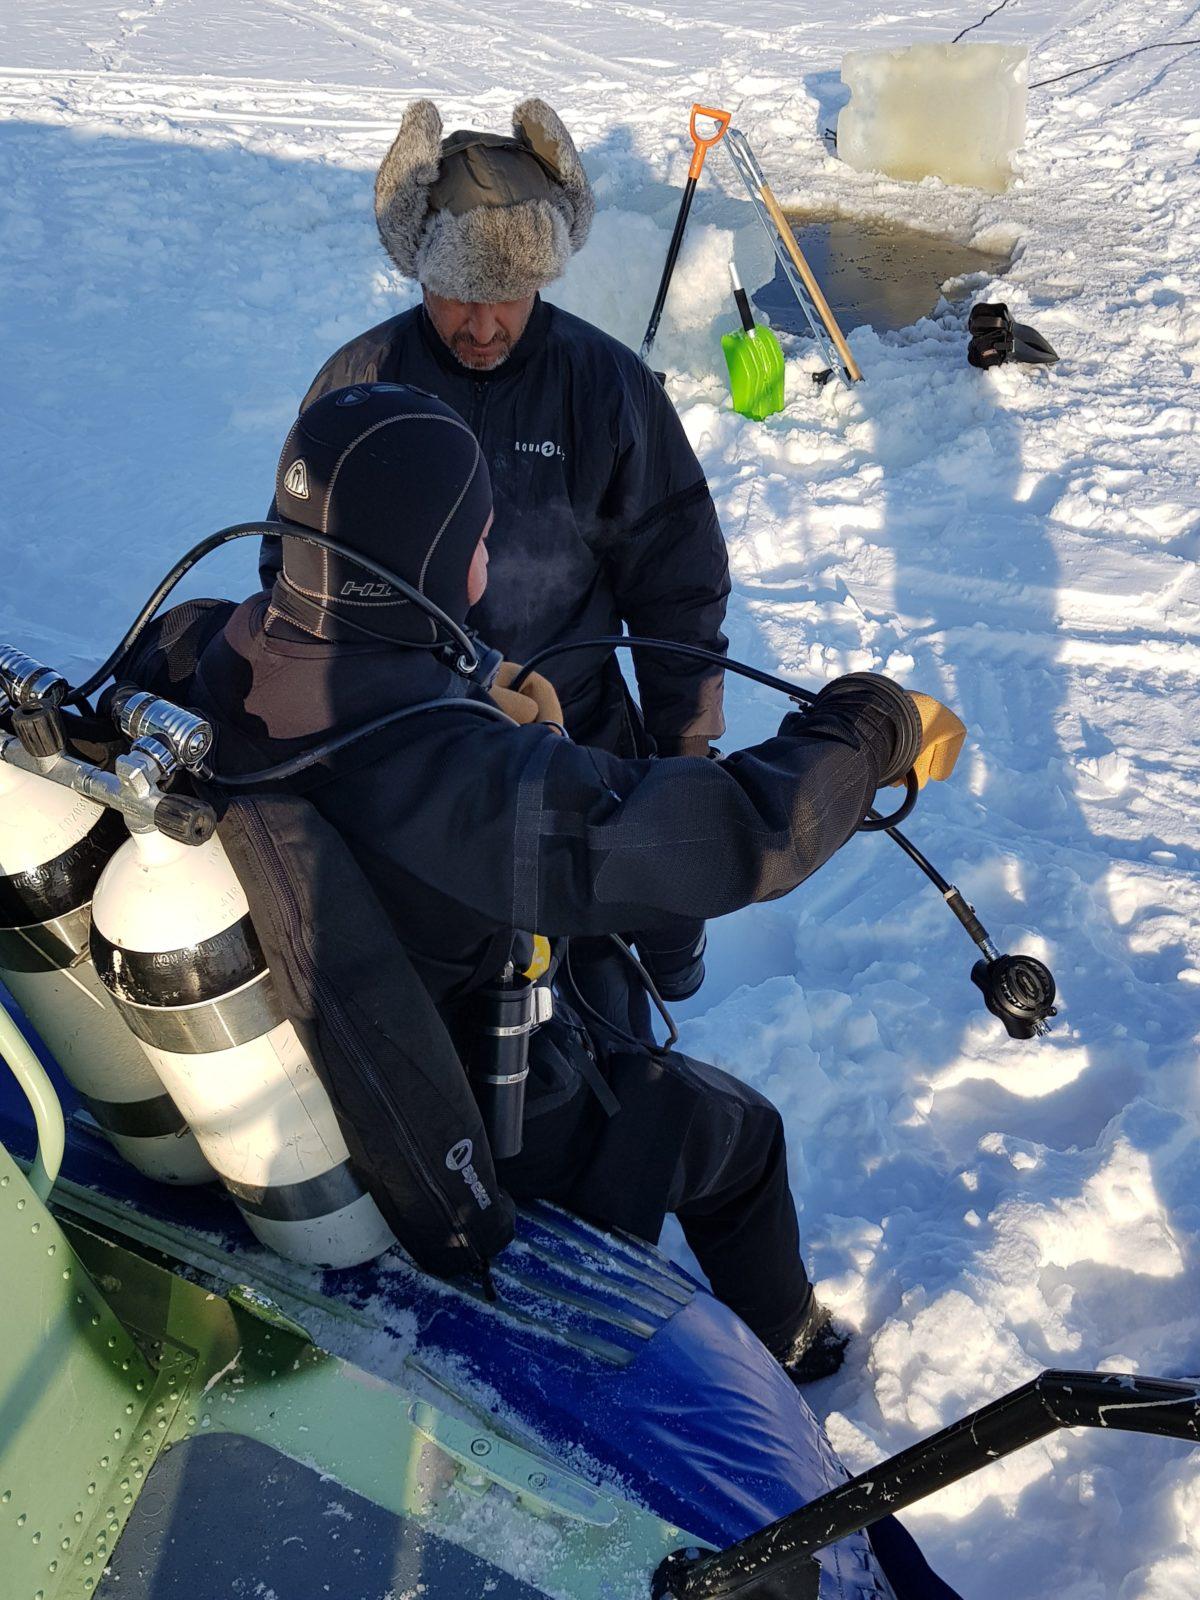 зимняя рыбалка на волчихинском водохранилище 2020